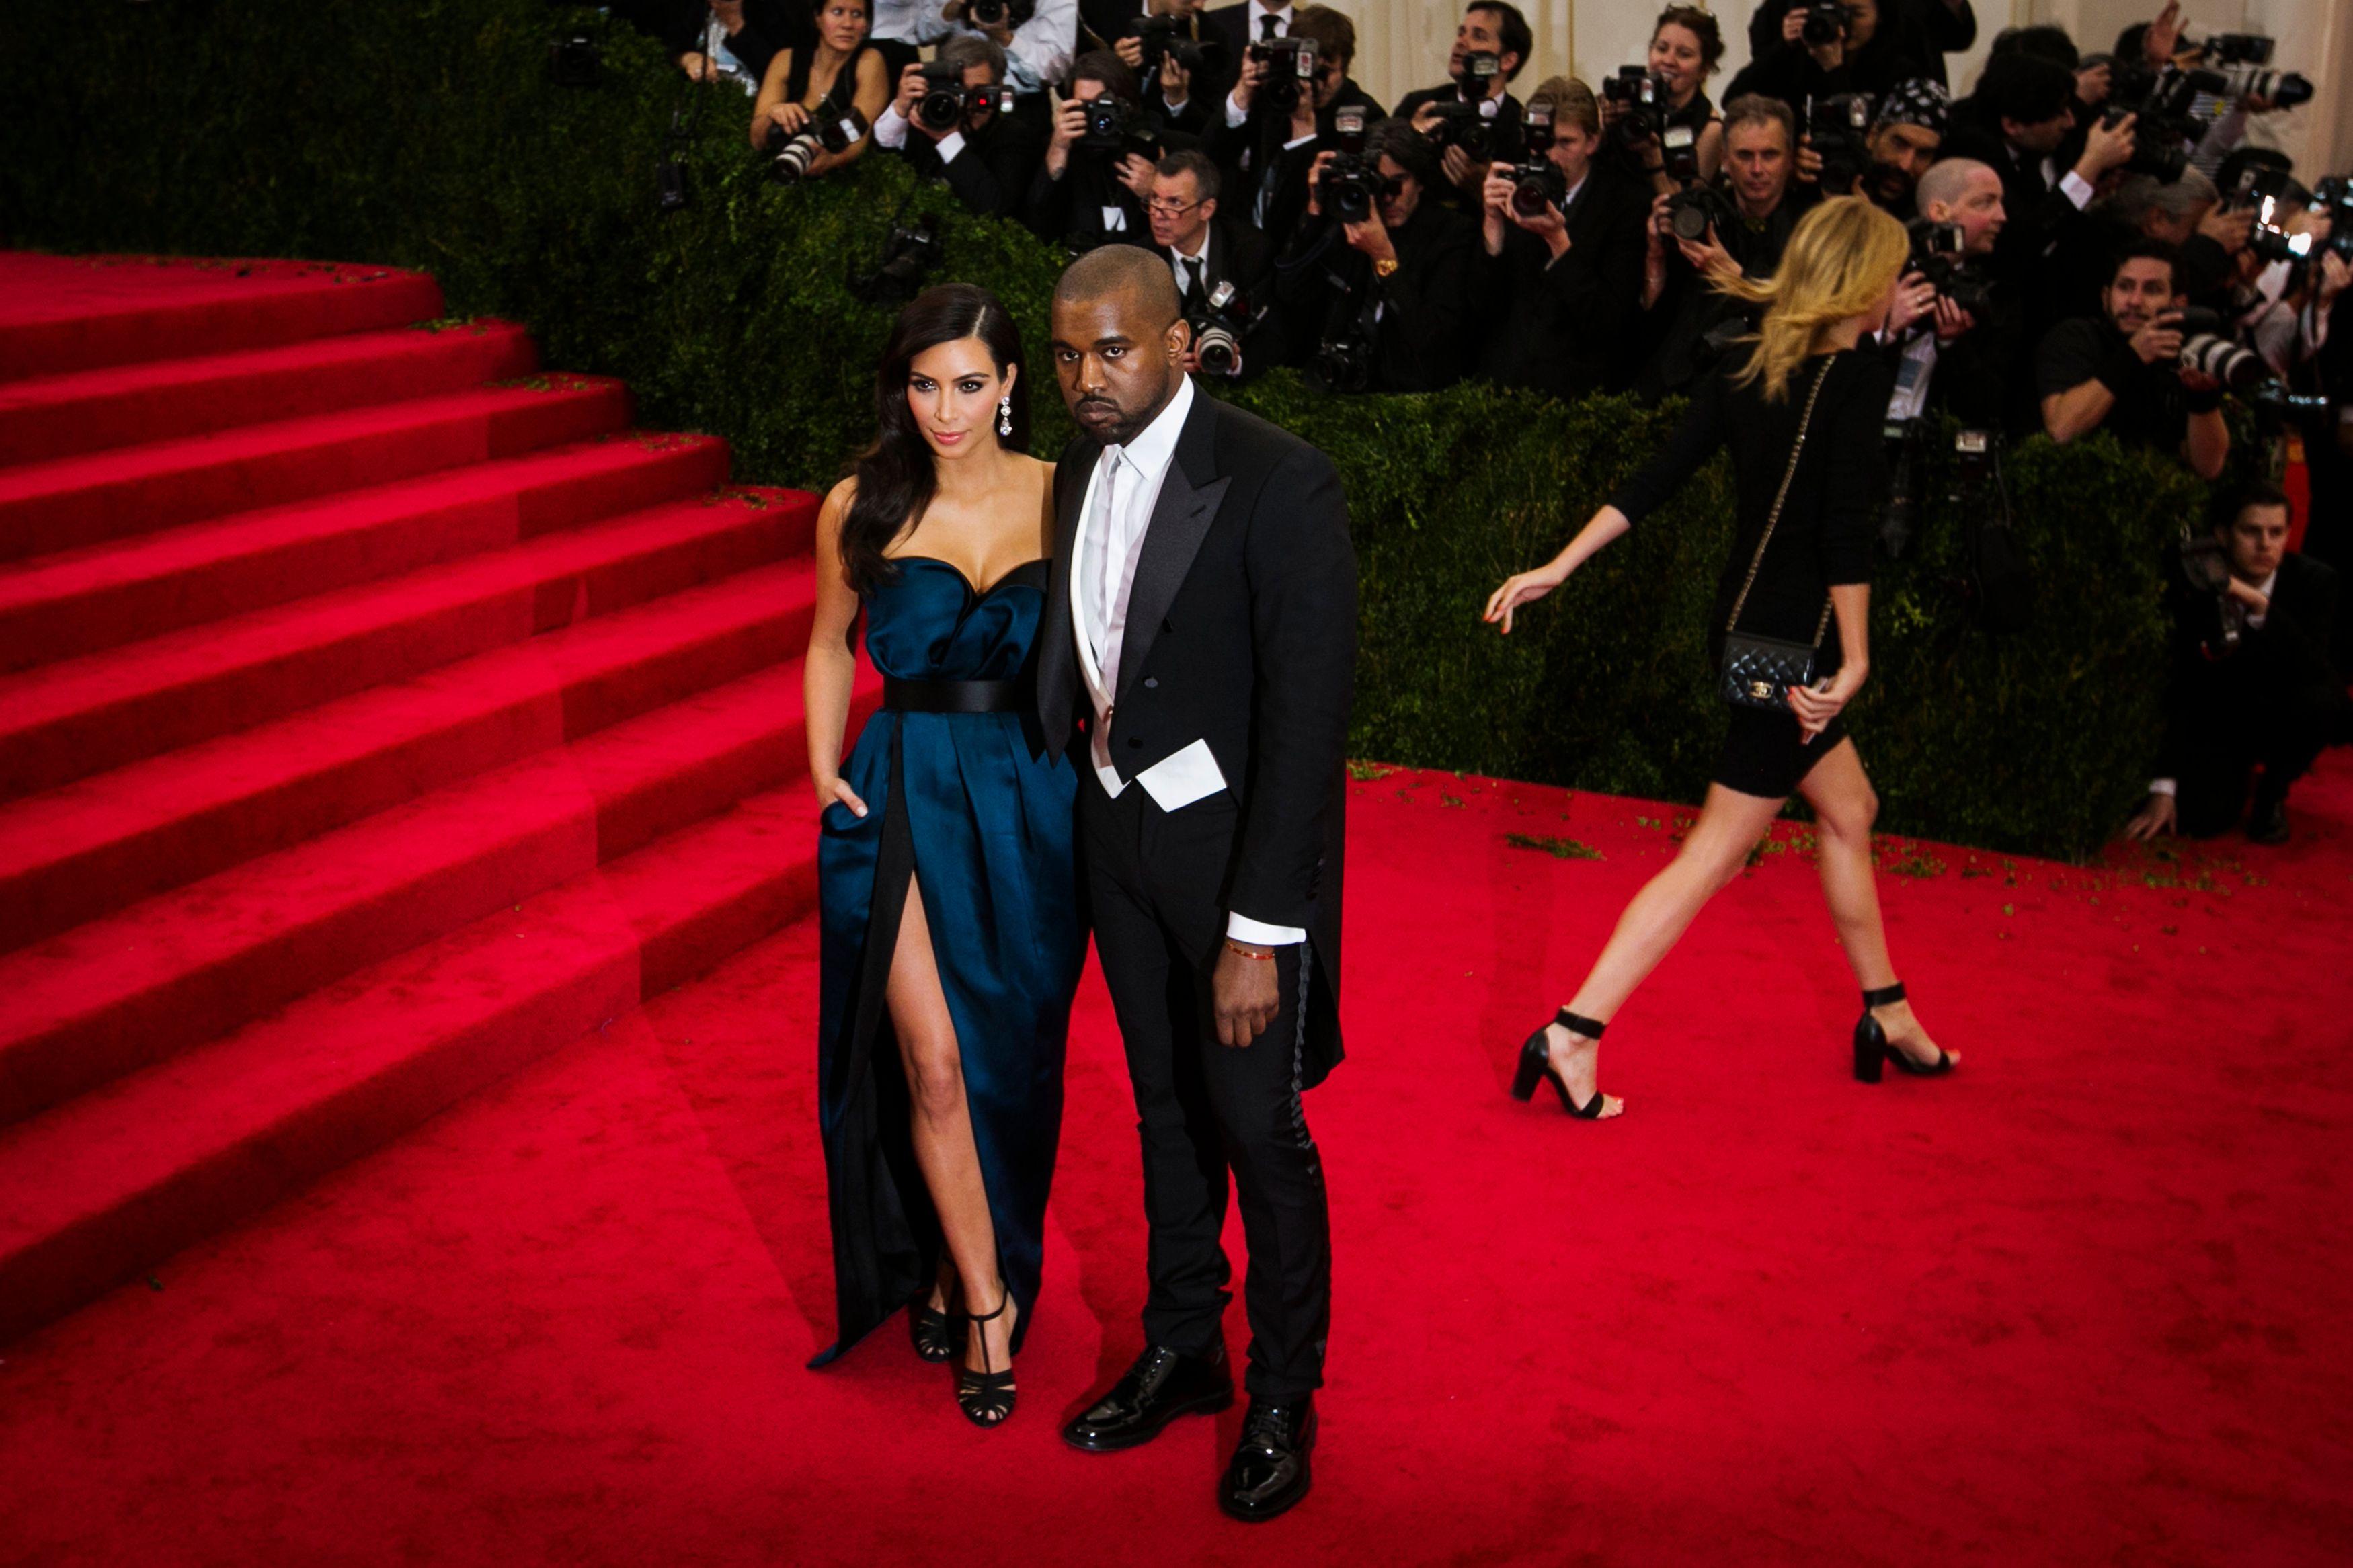 Mariage de Kim Kardashian et Kanye West : les premières photos mises en ligne